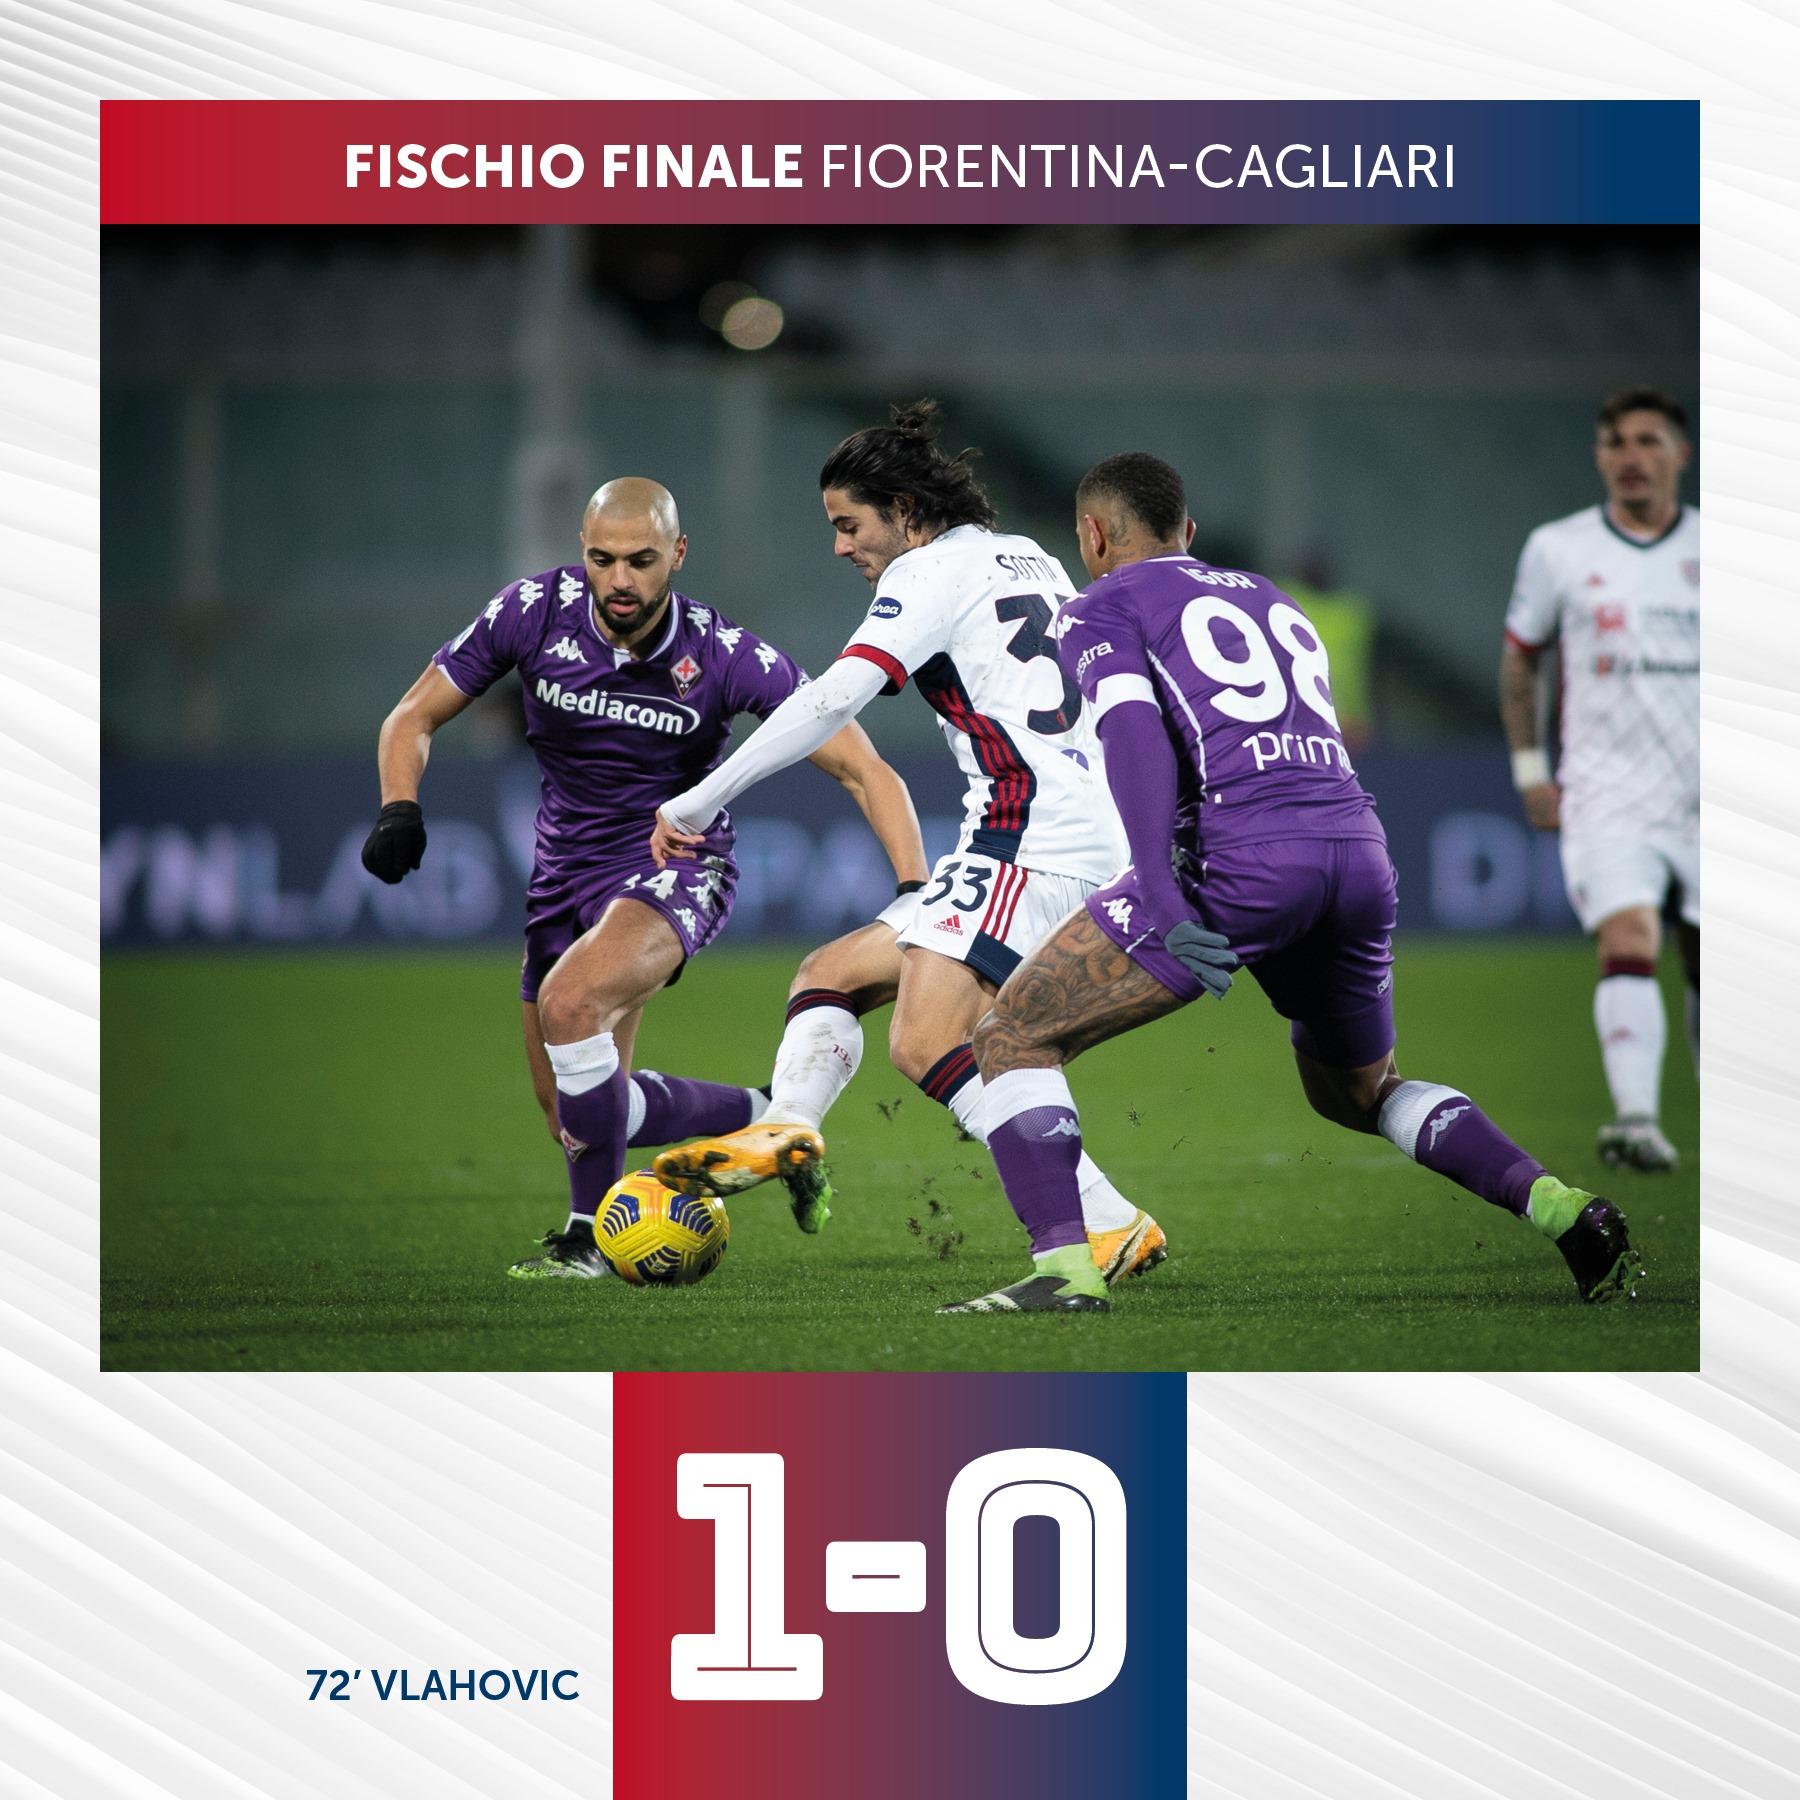 Cagliari disastroso, quarta sconfitta consecutiva